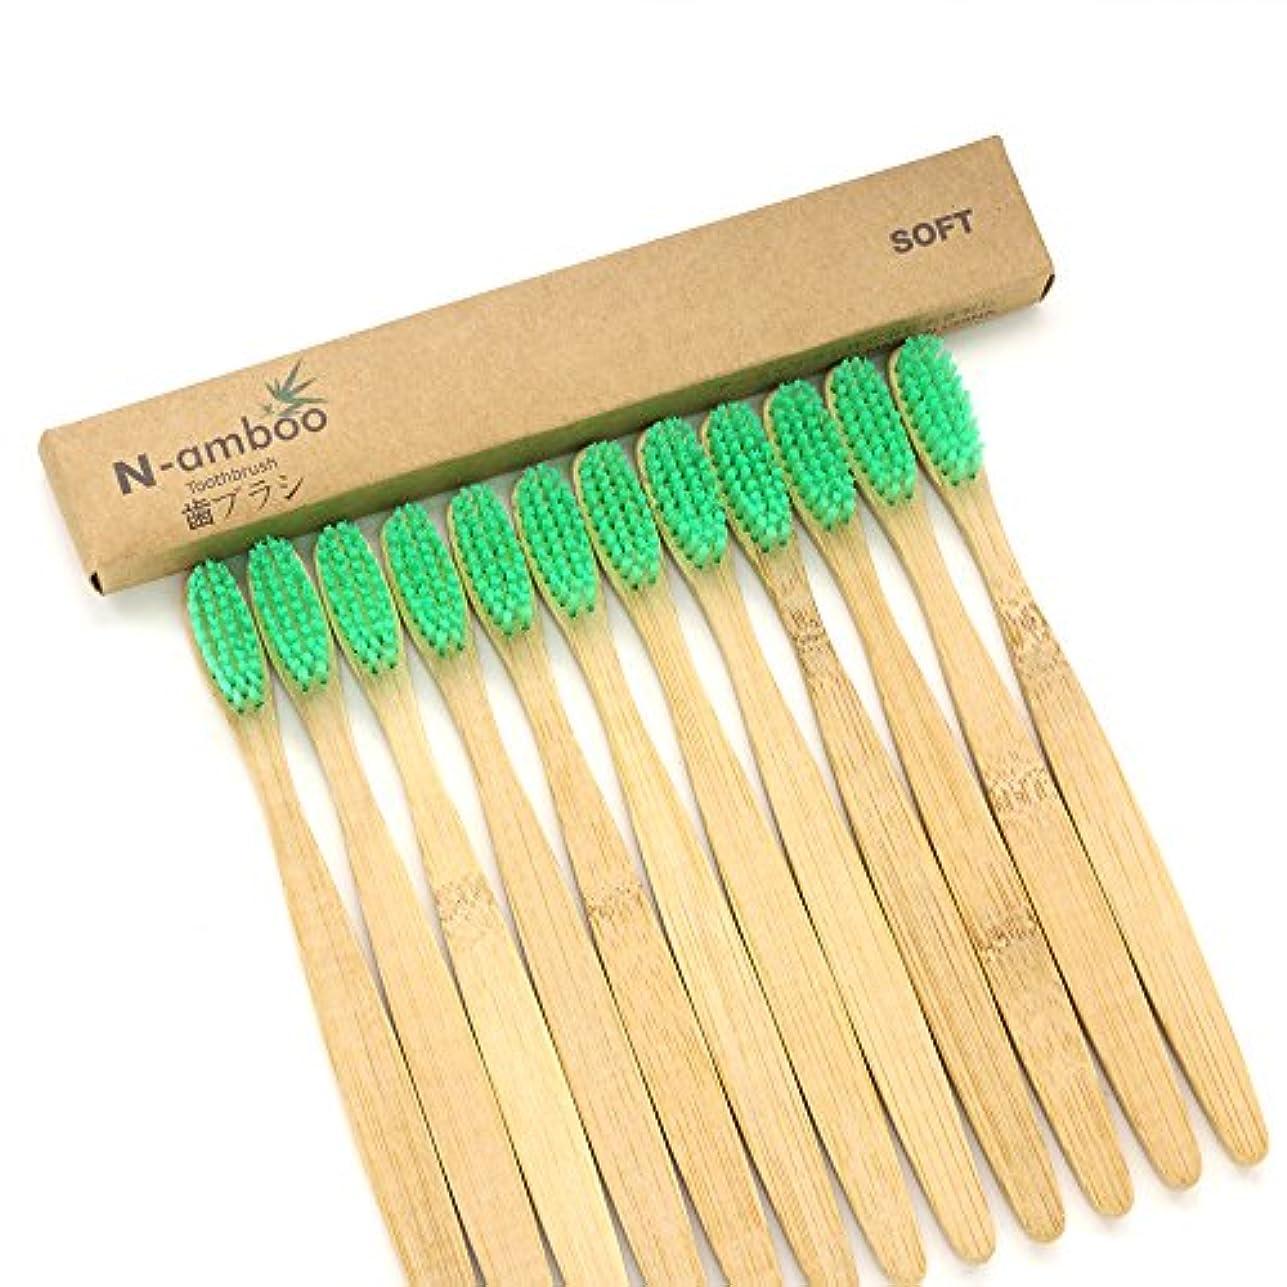 霊因子虫を数えるN-amboo 竹製 歯ブラシ 高耐久性 セット エコ 軽量 12本入り 緑 セット